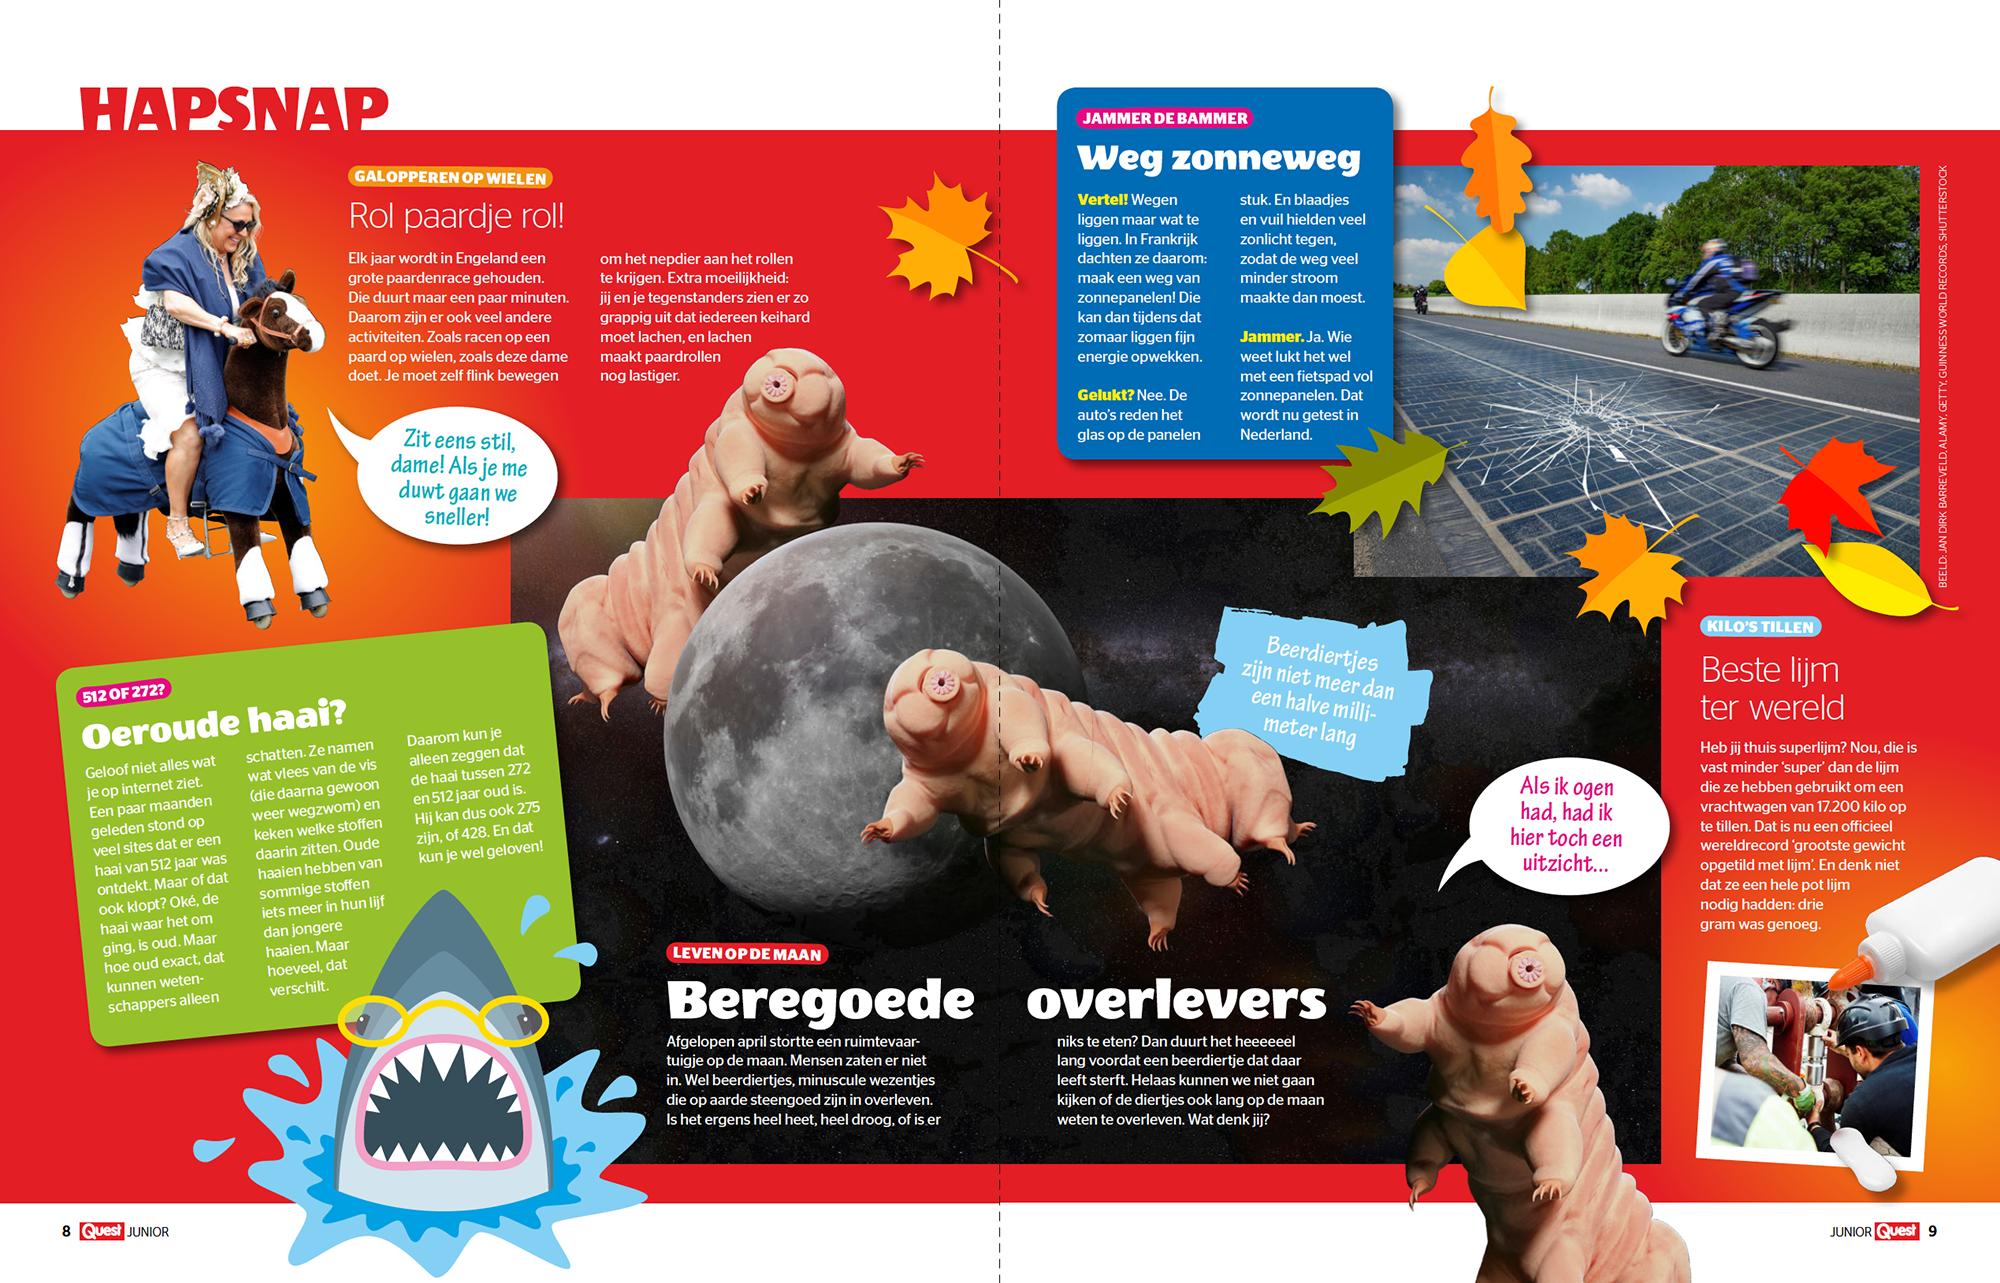 Tijdschrift Quest Junior in opdracht van mediabedrijf Hearst Netherlands